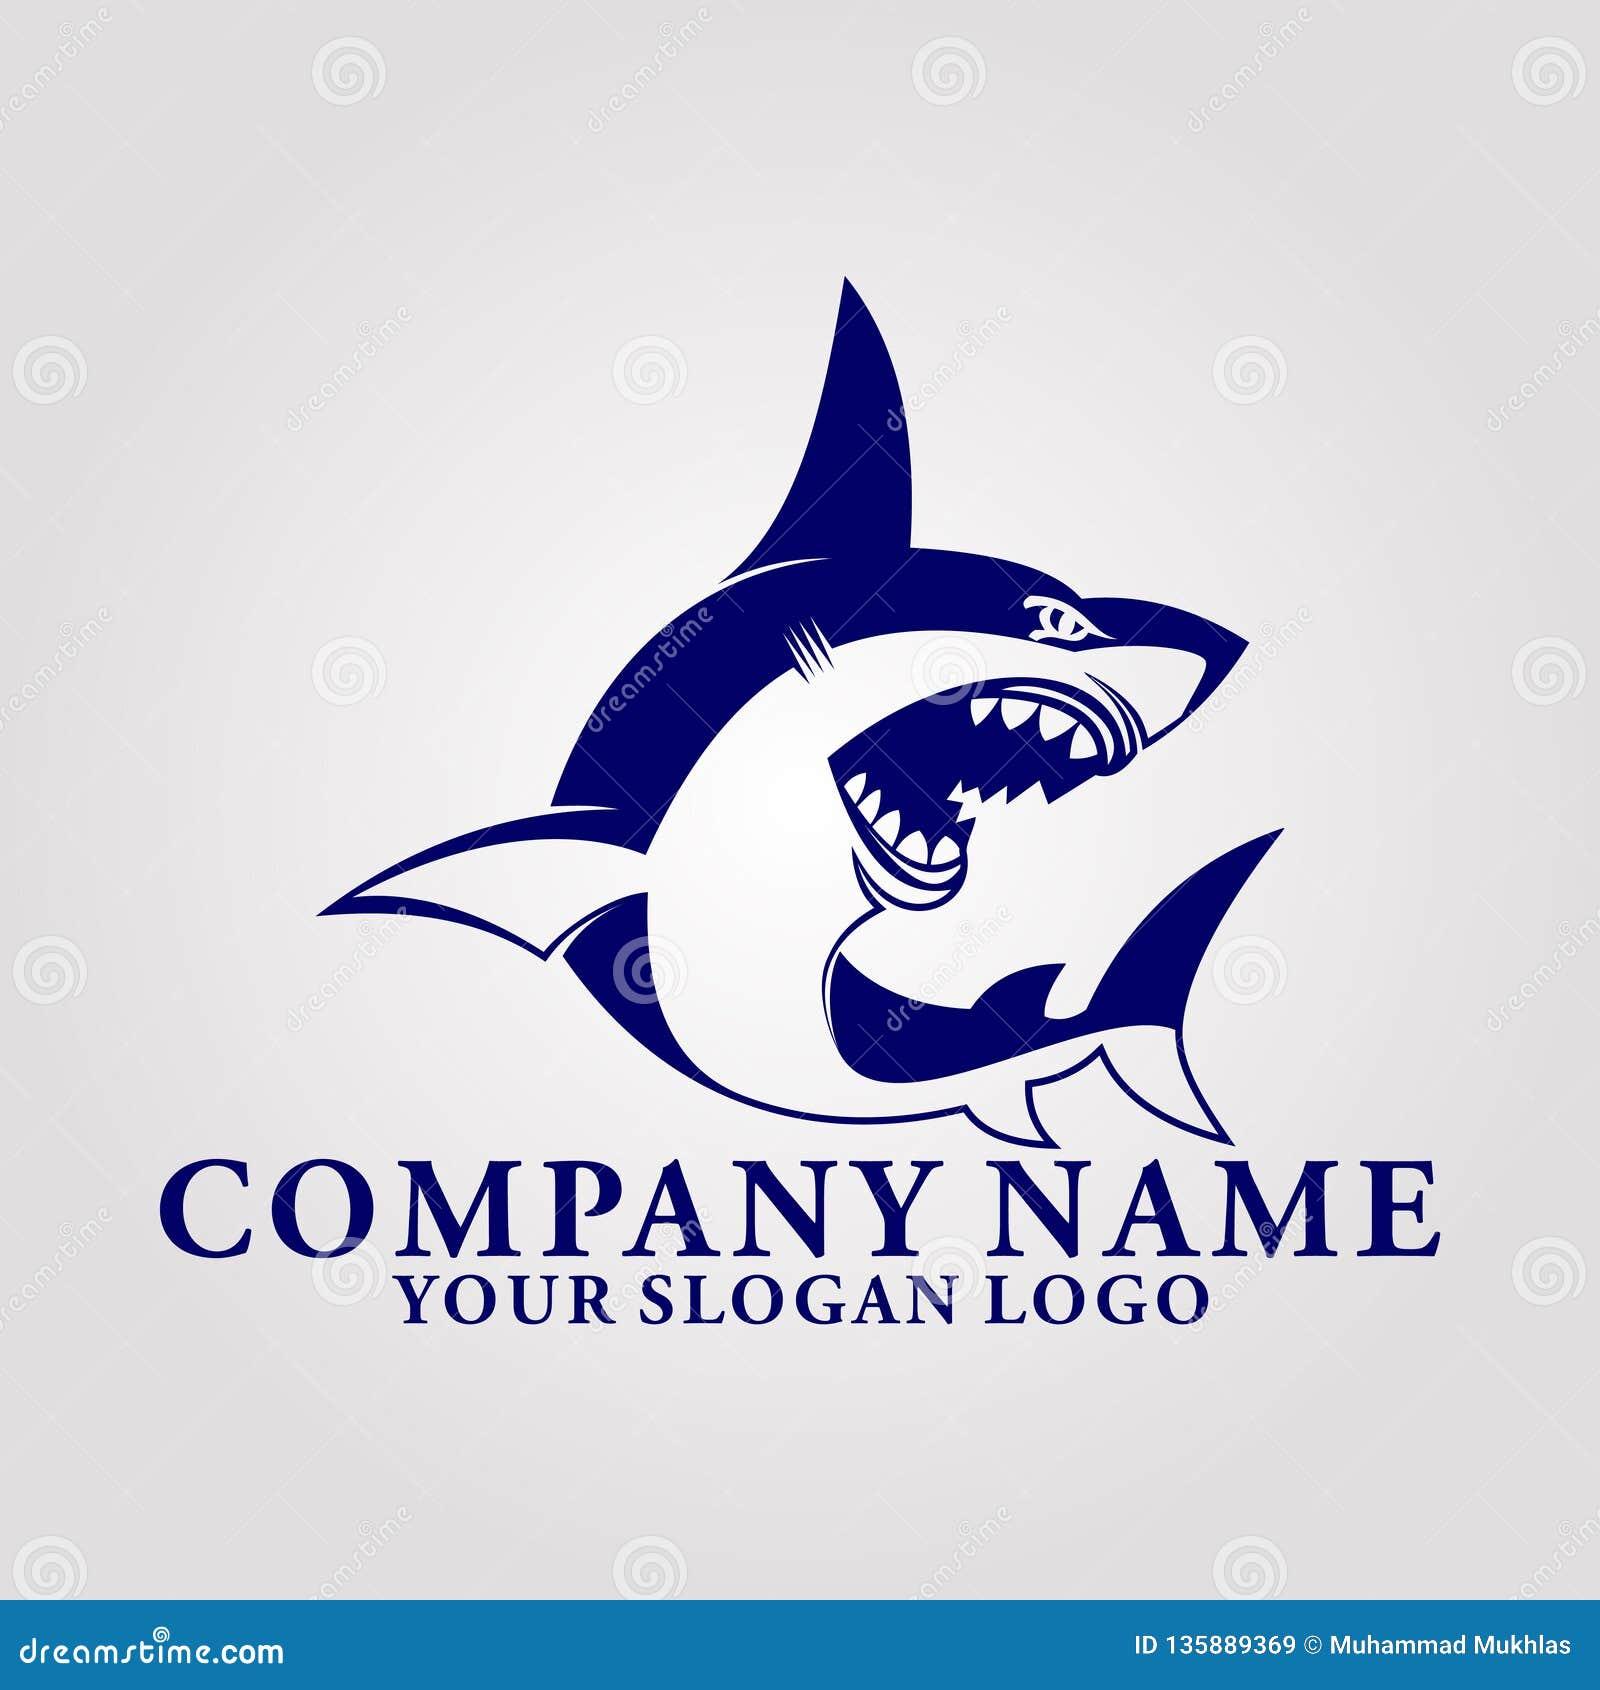 Shark_letter_C_logo